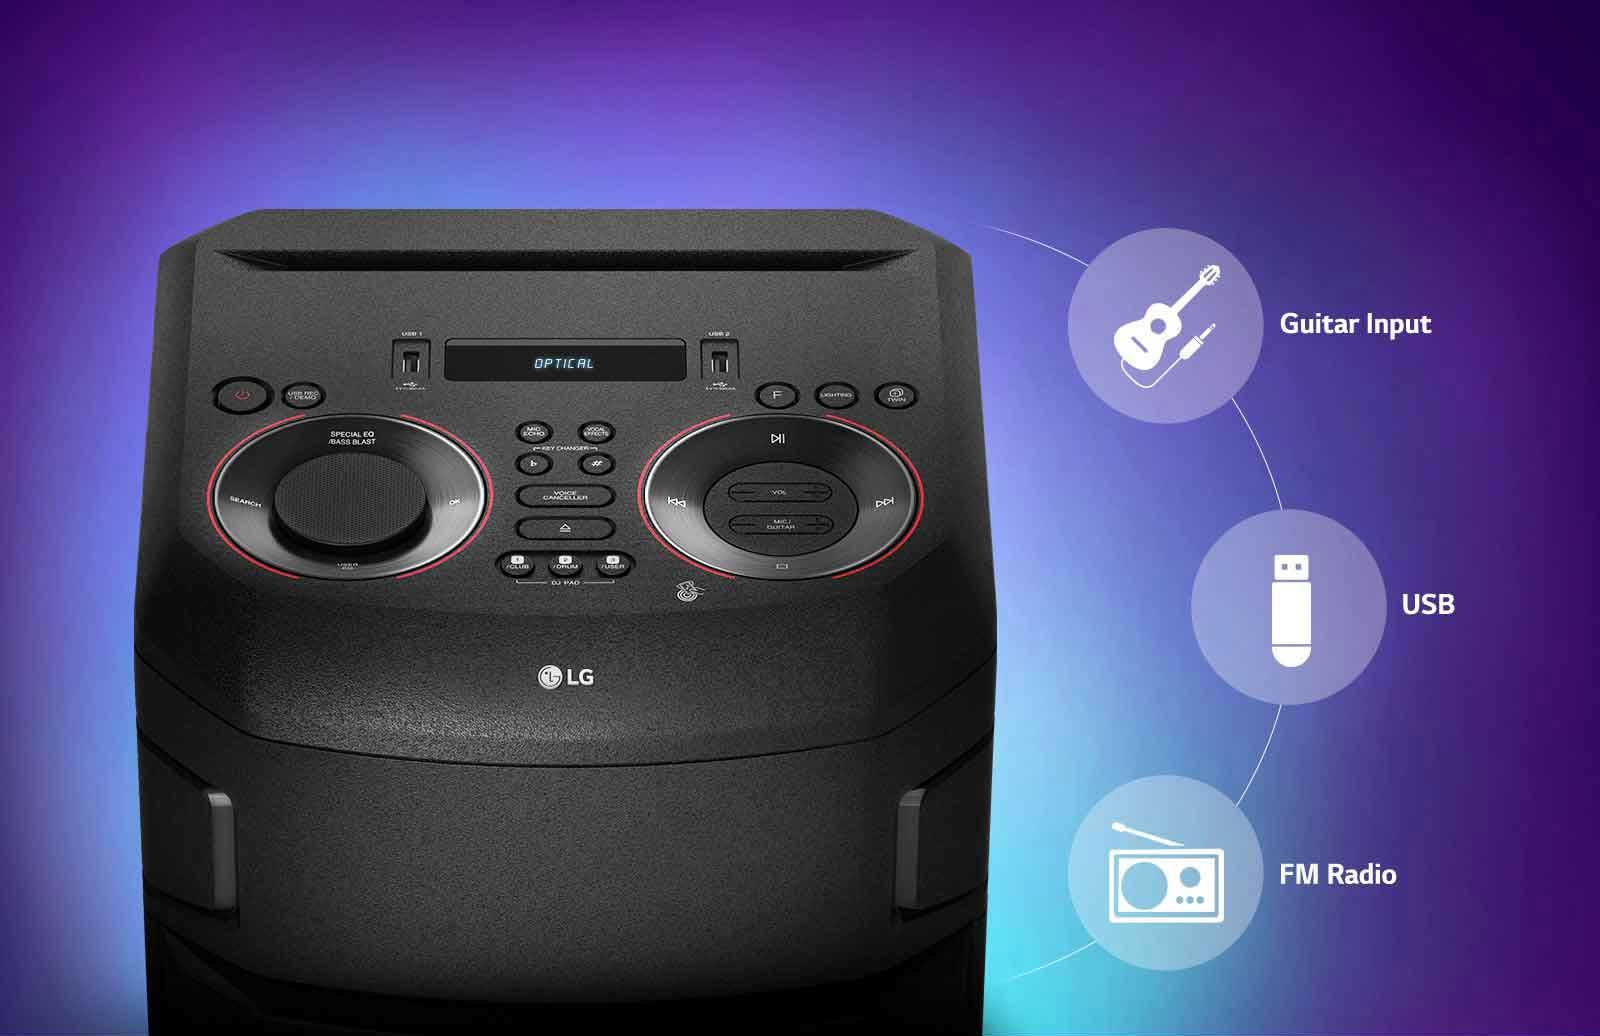 اتصالات چند گانه سیستم صوتی ال جی rn5